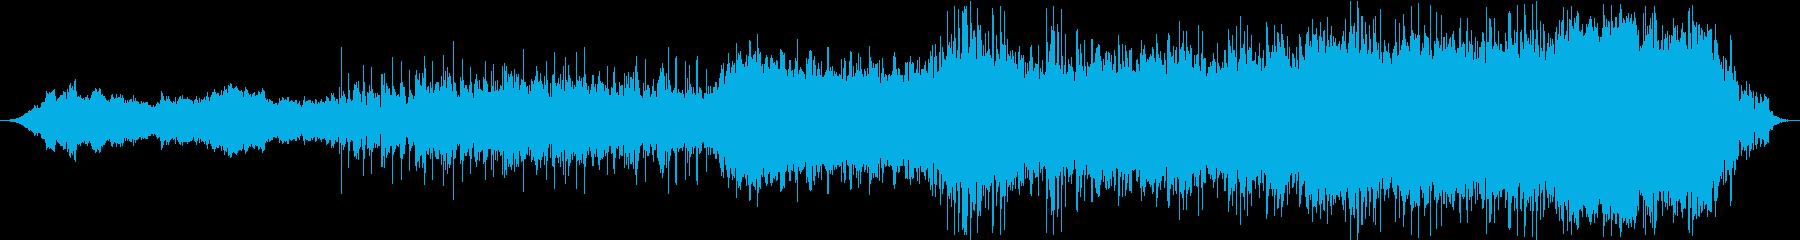 モダン テクノ 実験的な アンビエ...の再生済みの波形